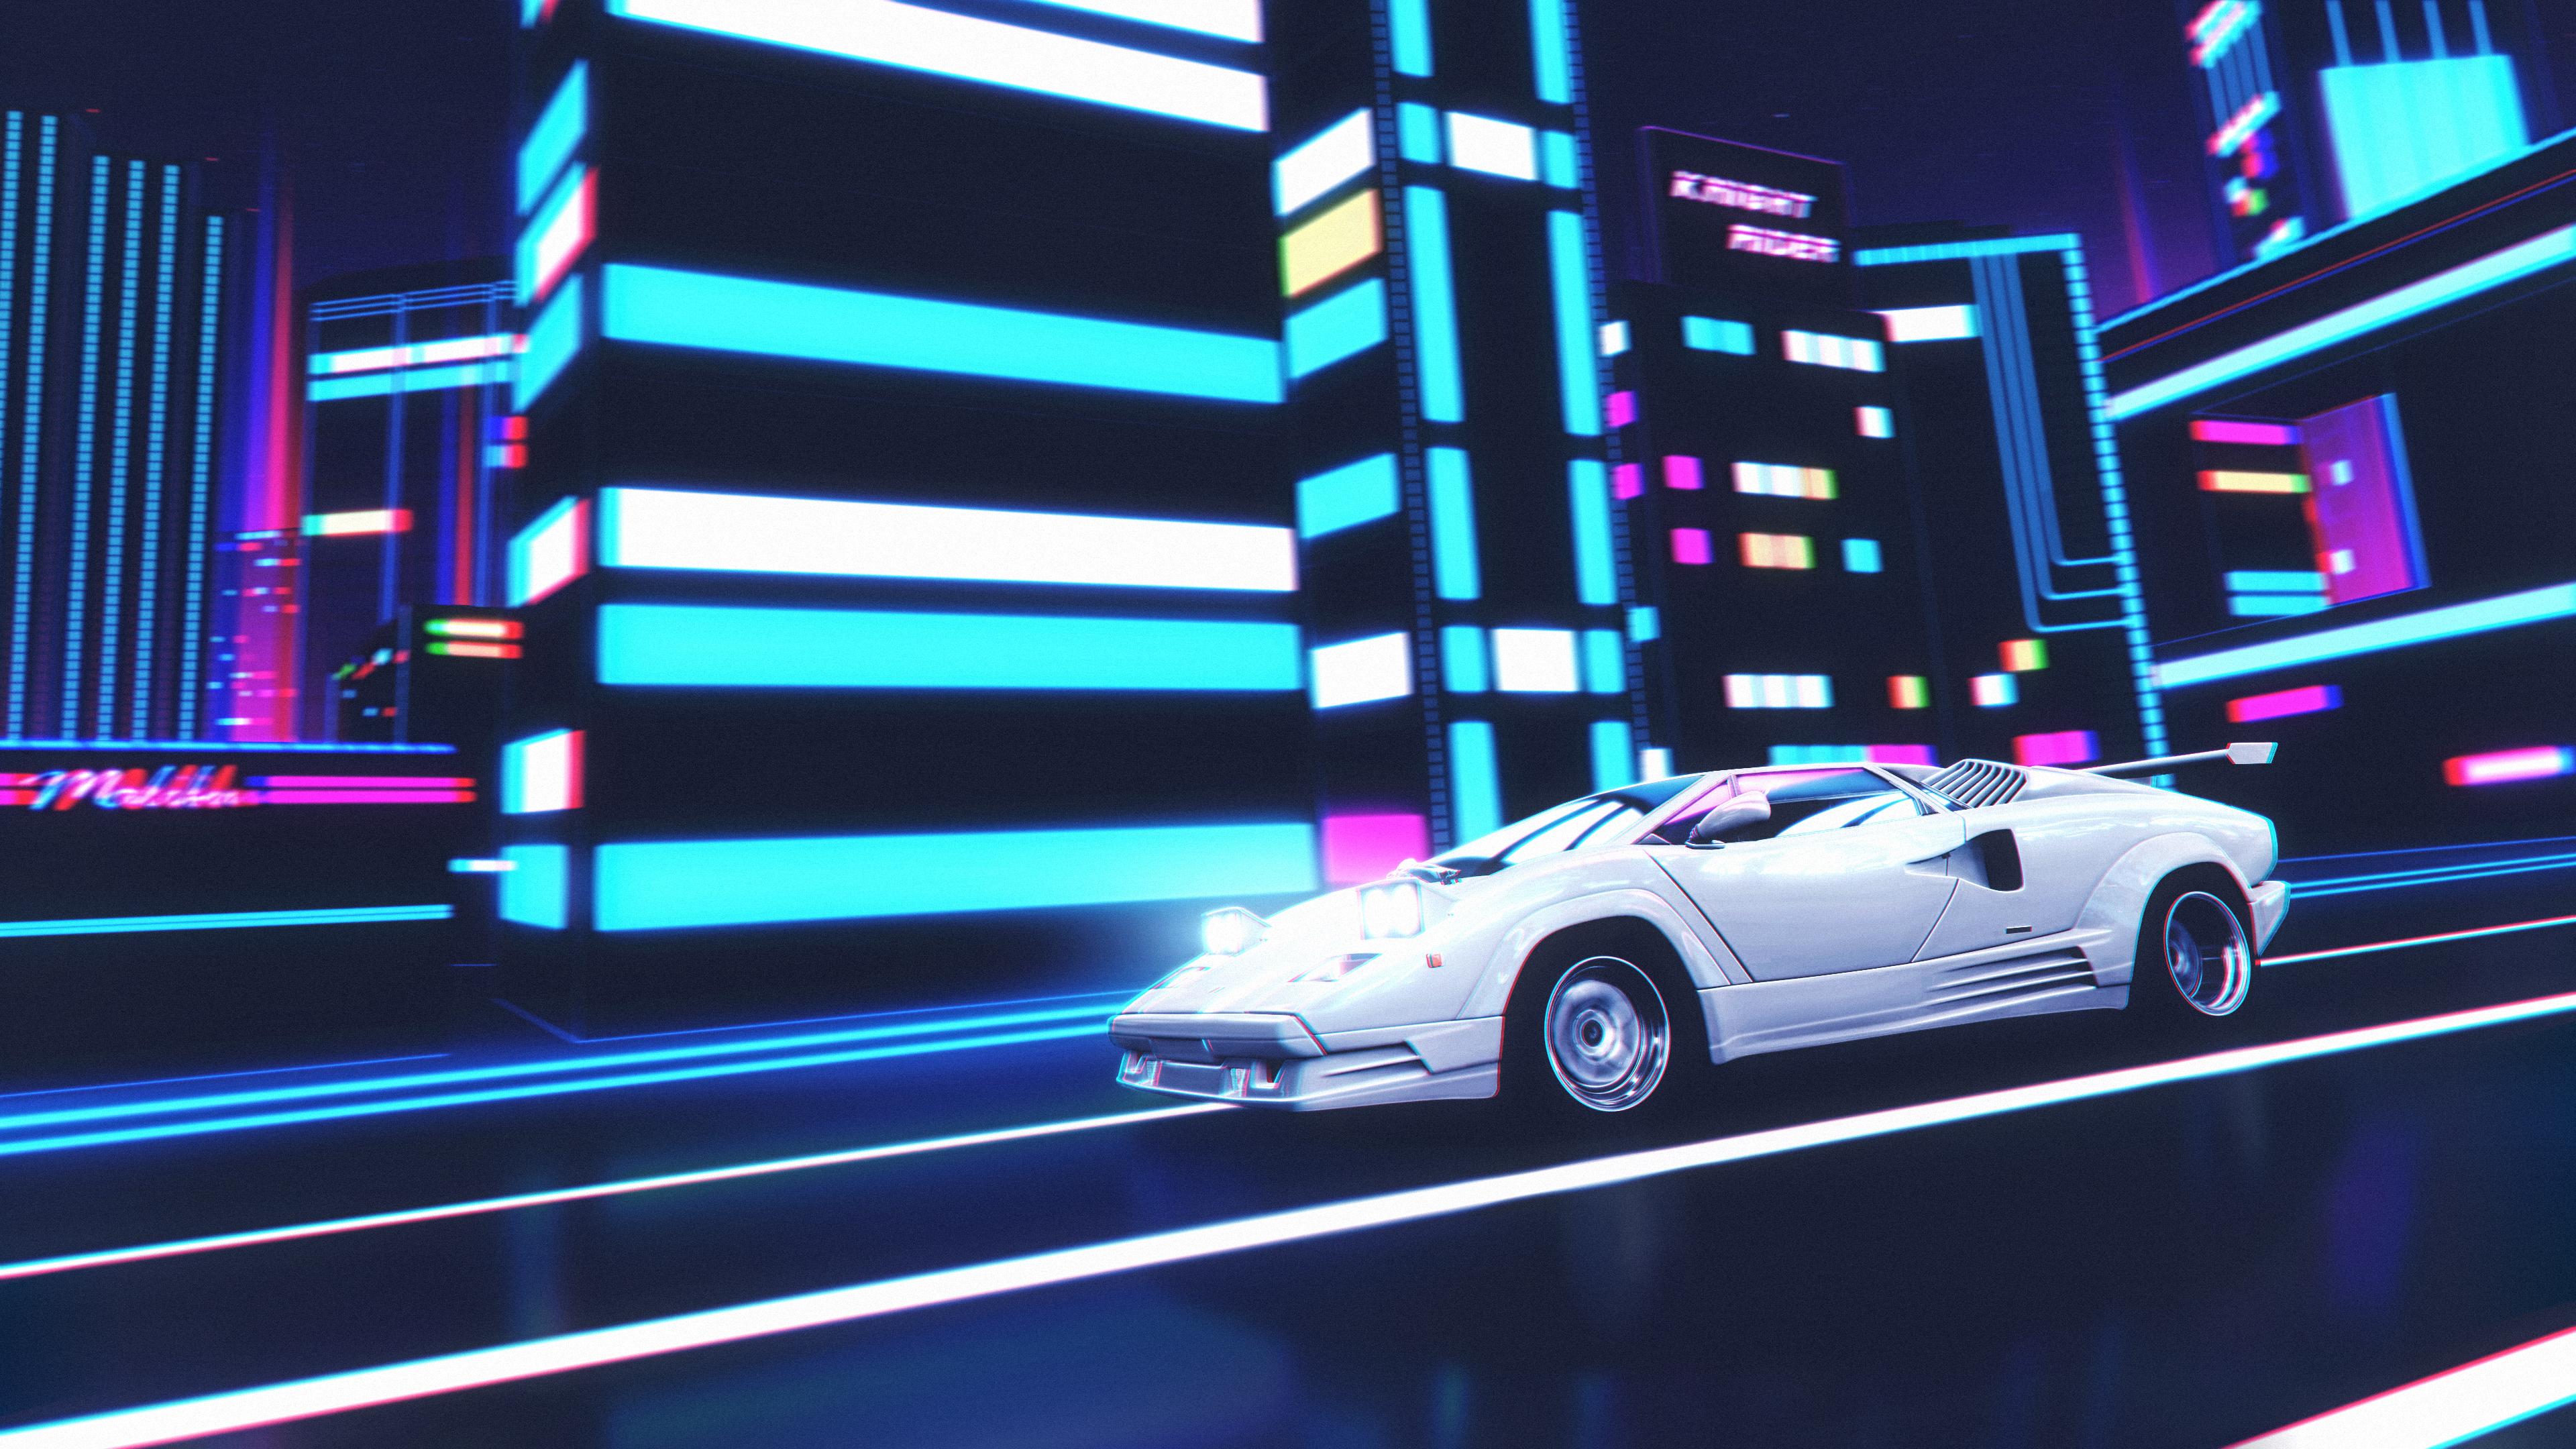 lamborghini countach retro art 1562107914 - Lamborghini Countach Retro Art - retro wallpapers, lamborghini wallpapers, lamborghini countach wallpapers, hd-wallpapers, digital art wallpapers, cars wallpapers, artwork wallpapers, artist wallpapers, 4k-wallpapers